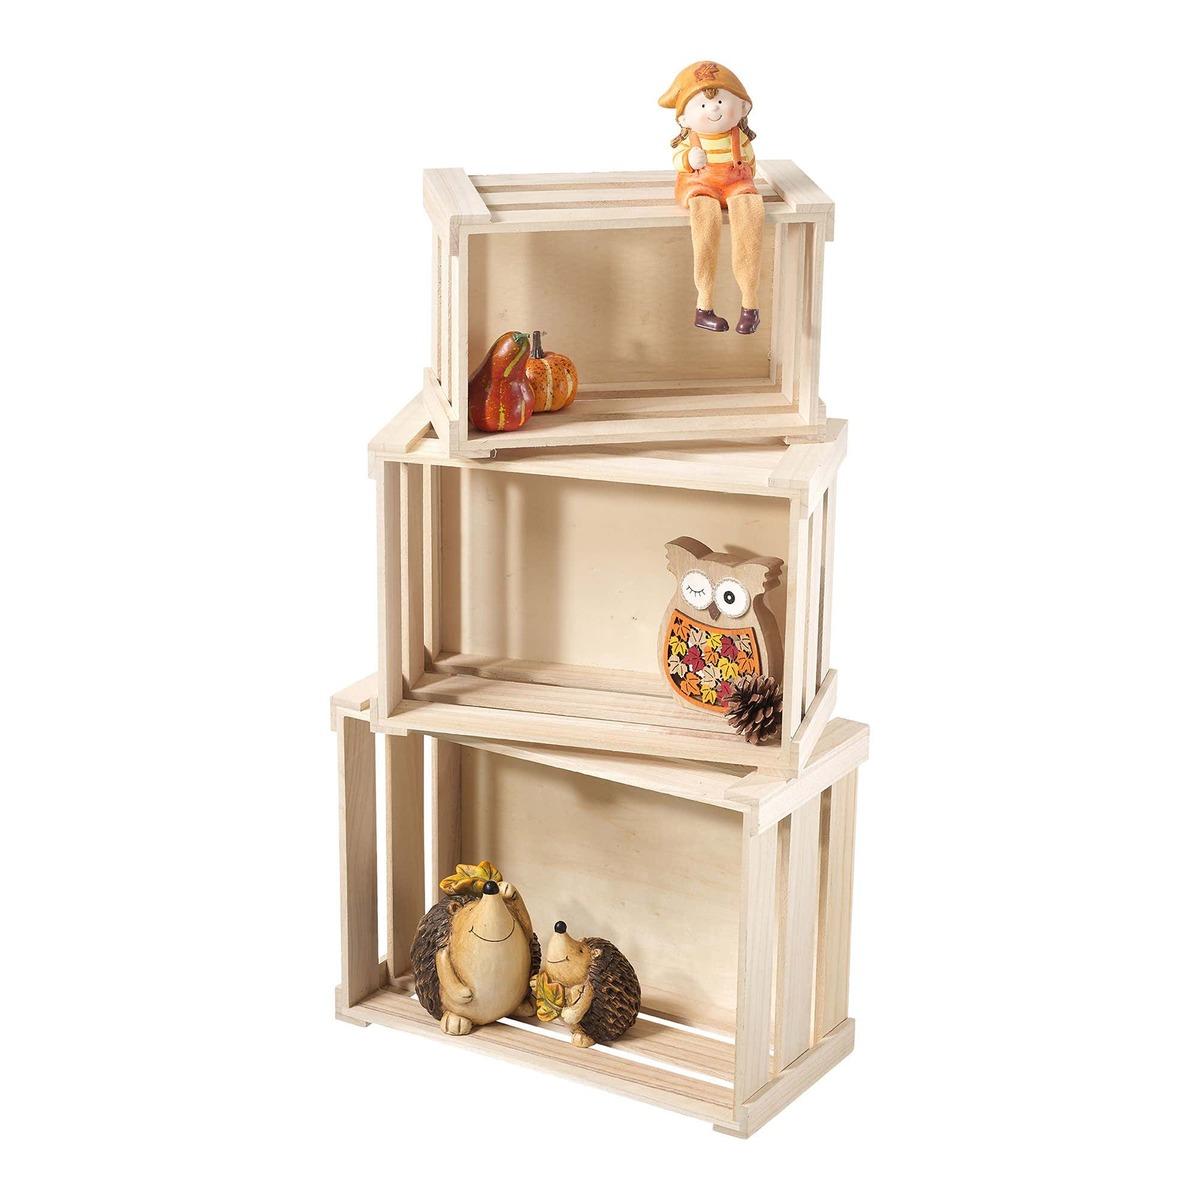 Bild 2 von Holzbox in verschiedenen Größen